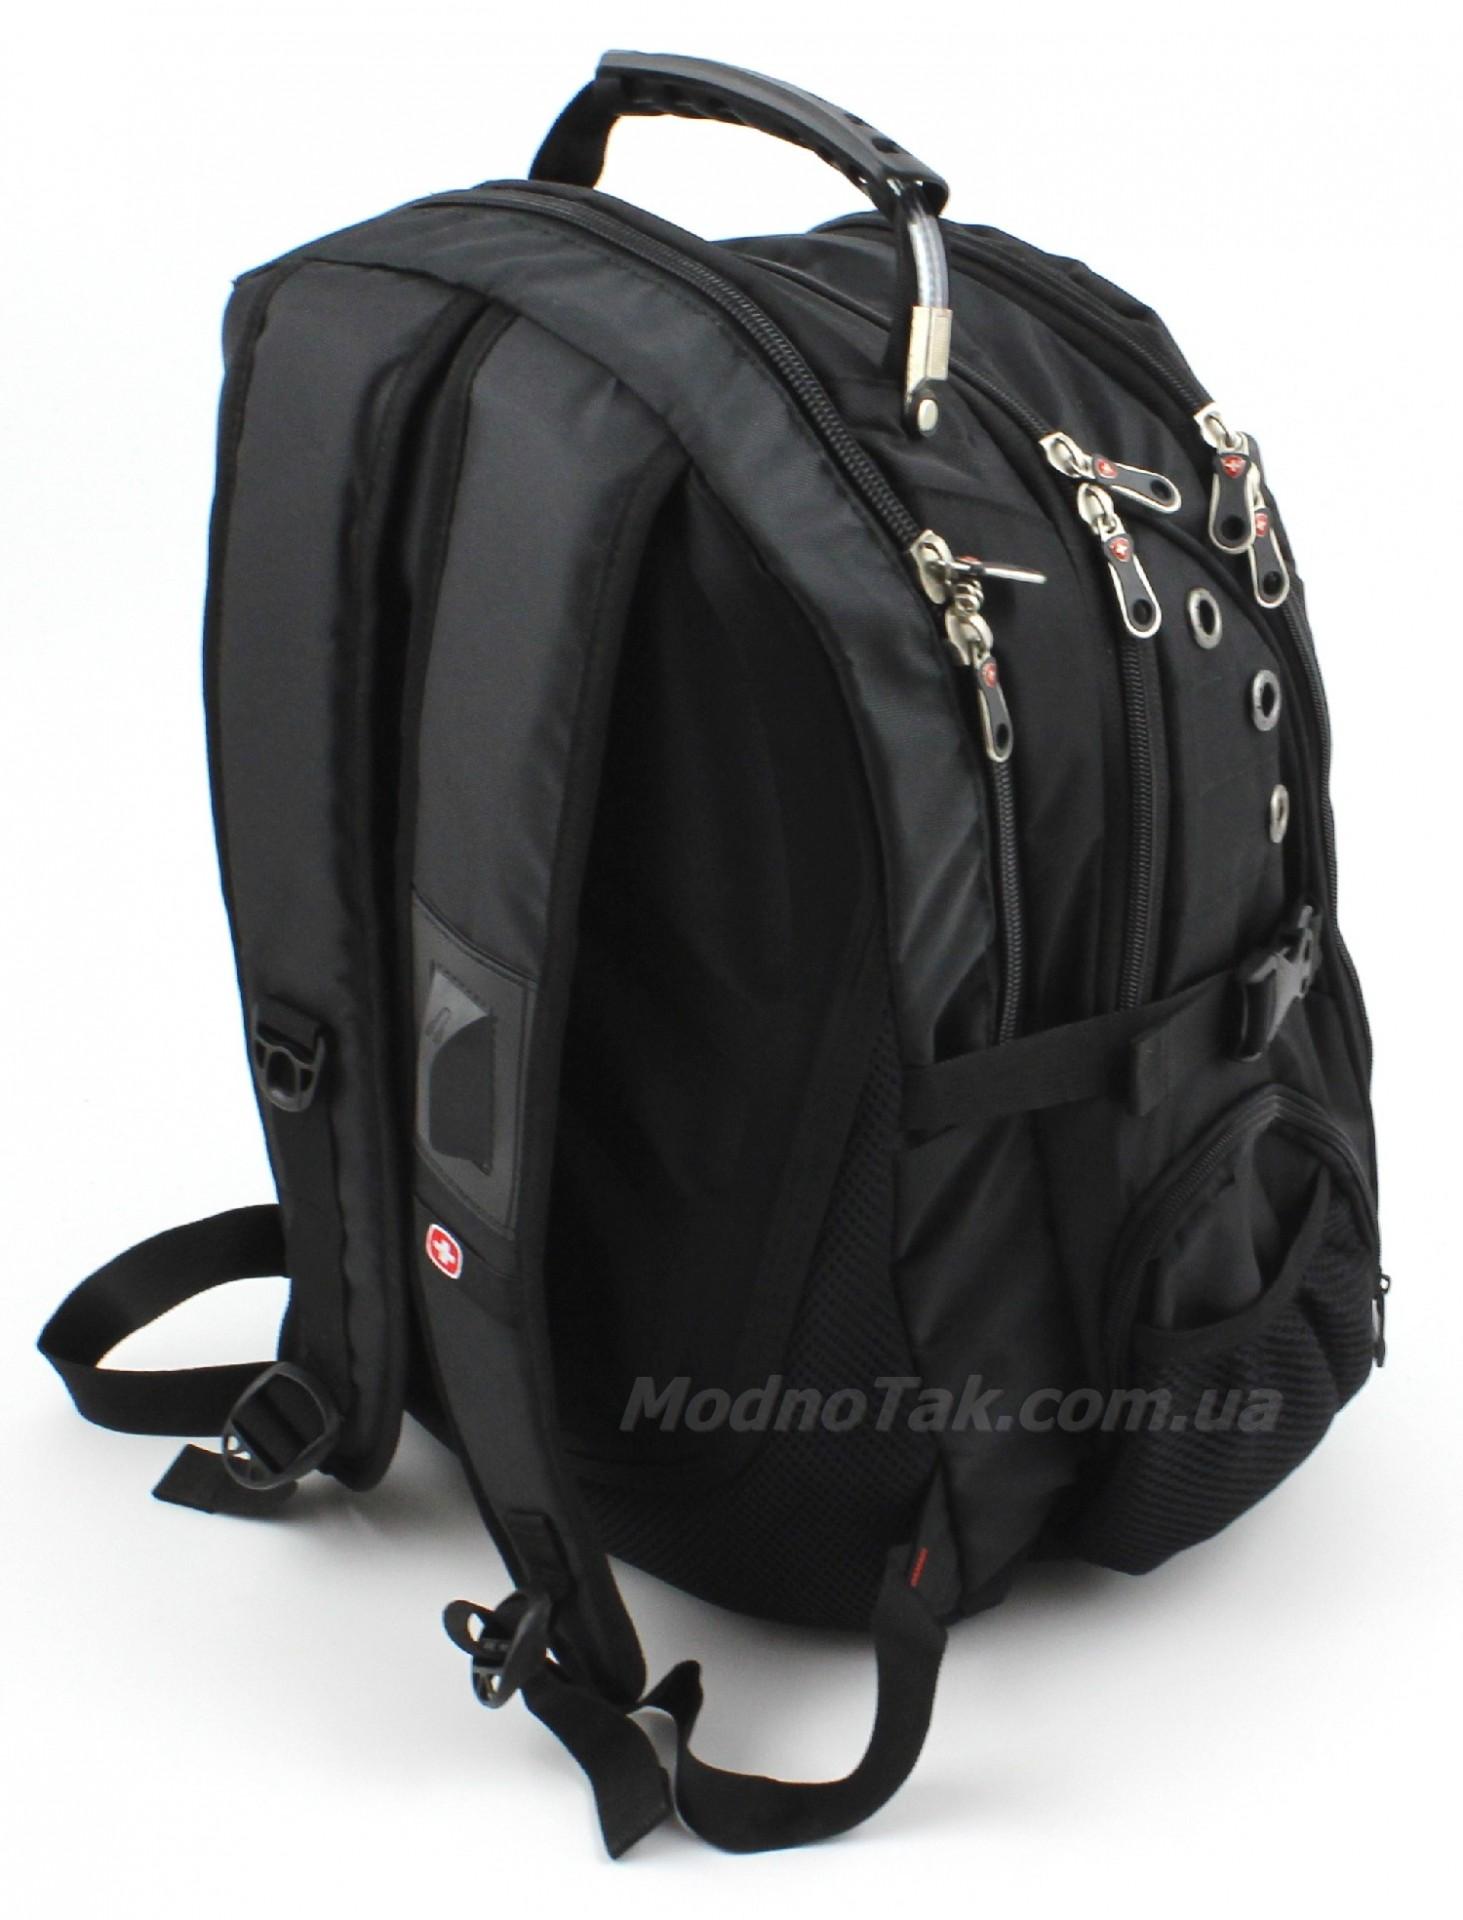 Рейтинг рюкзаков для ноутбуков swissgear индийские рюкзаки купить